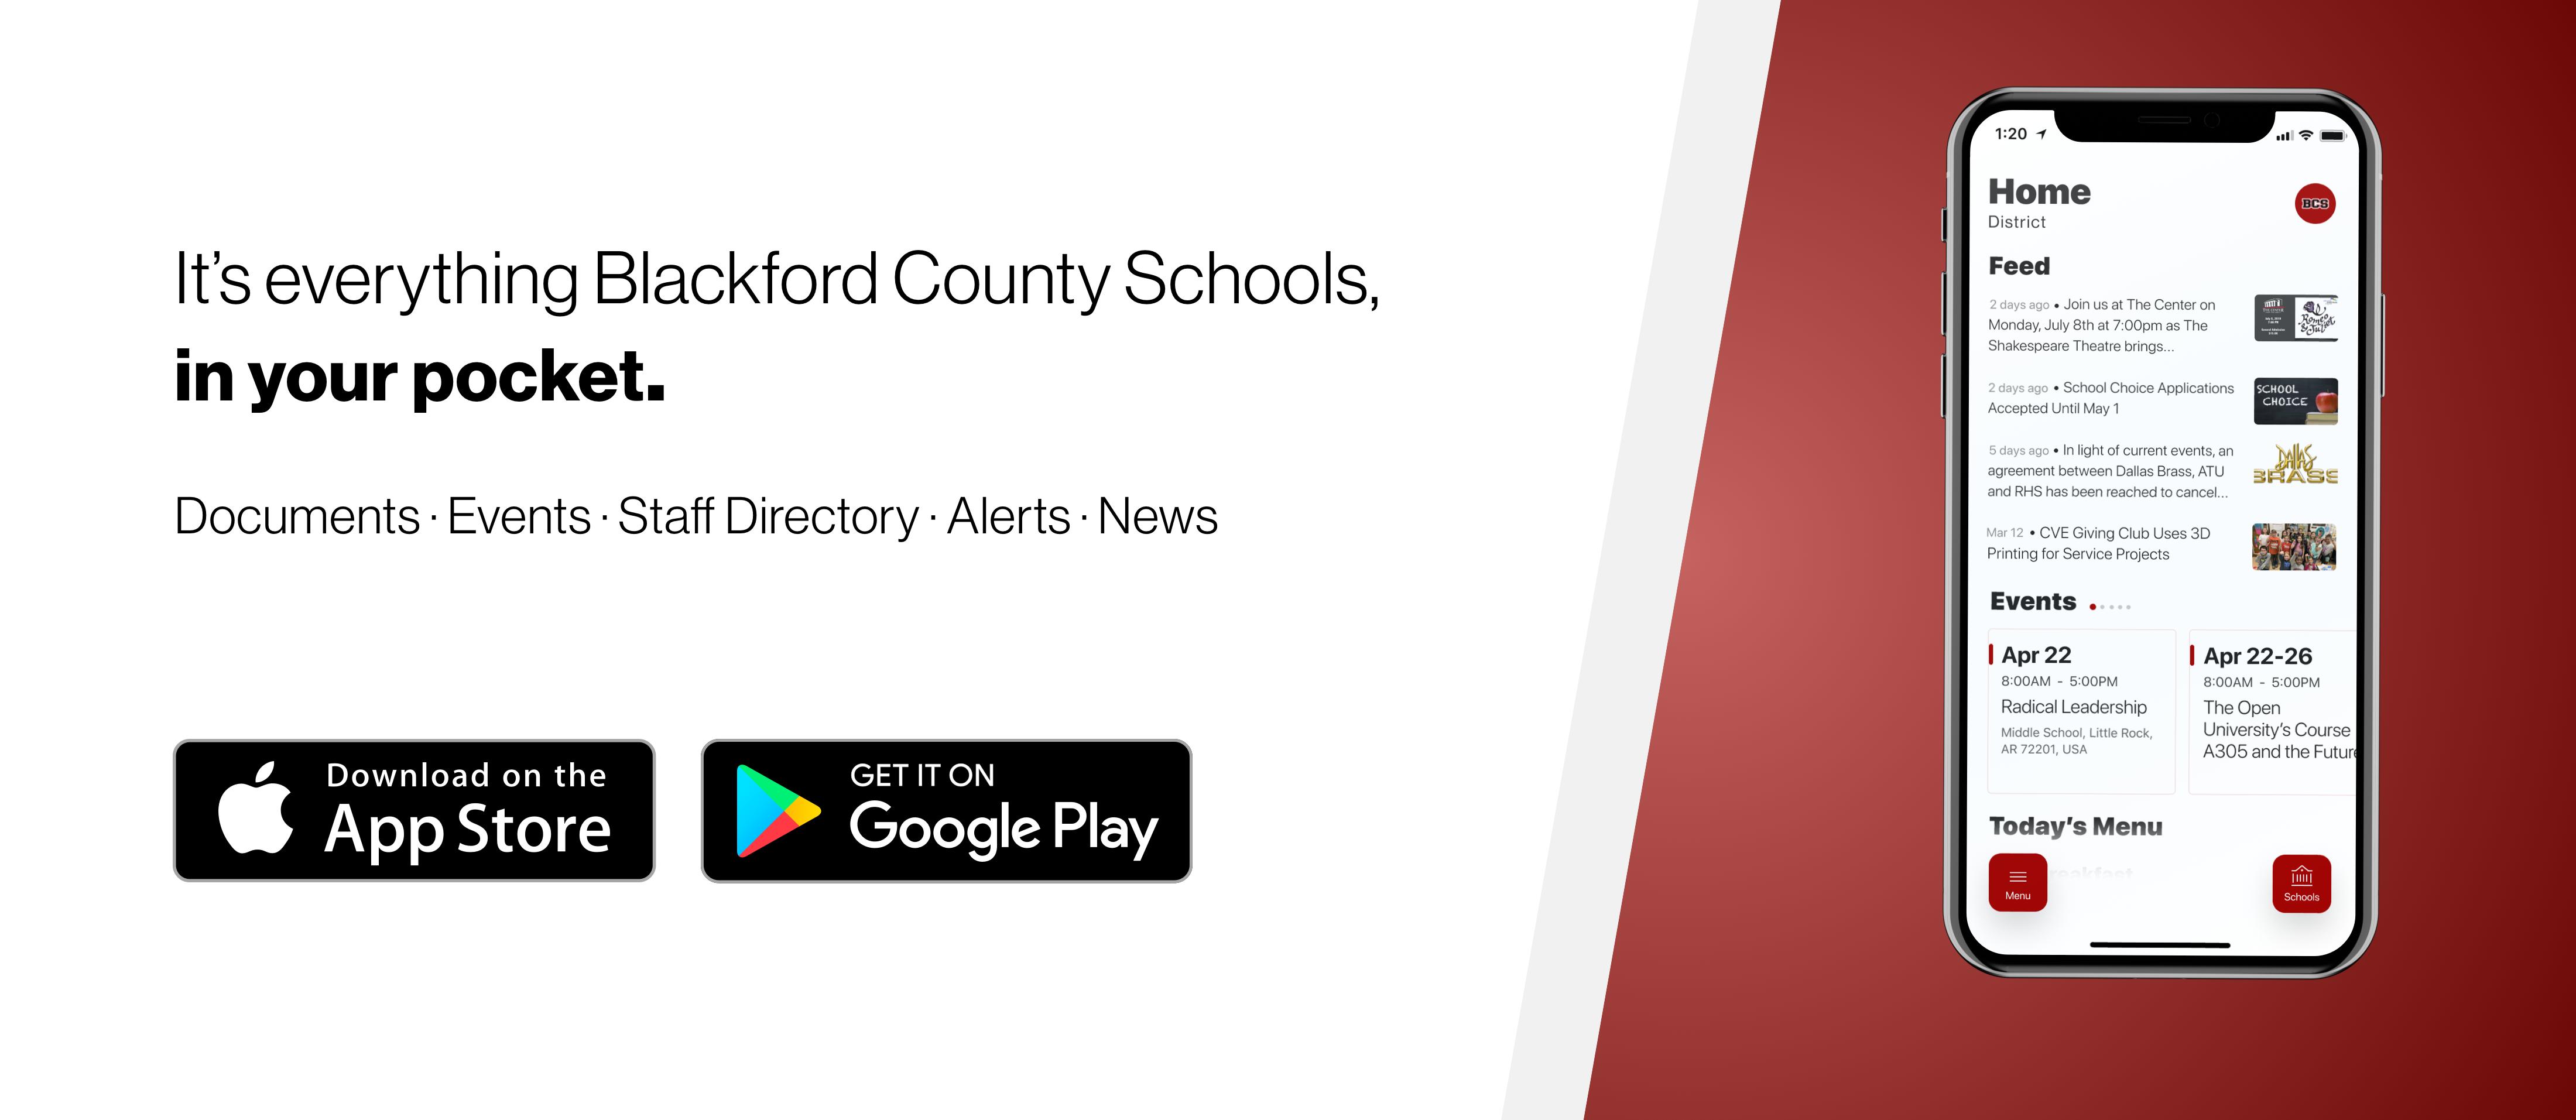 blackford county schools mobile app